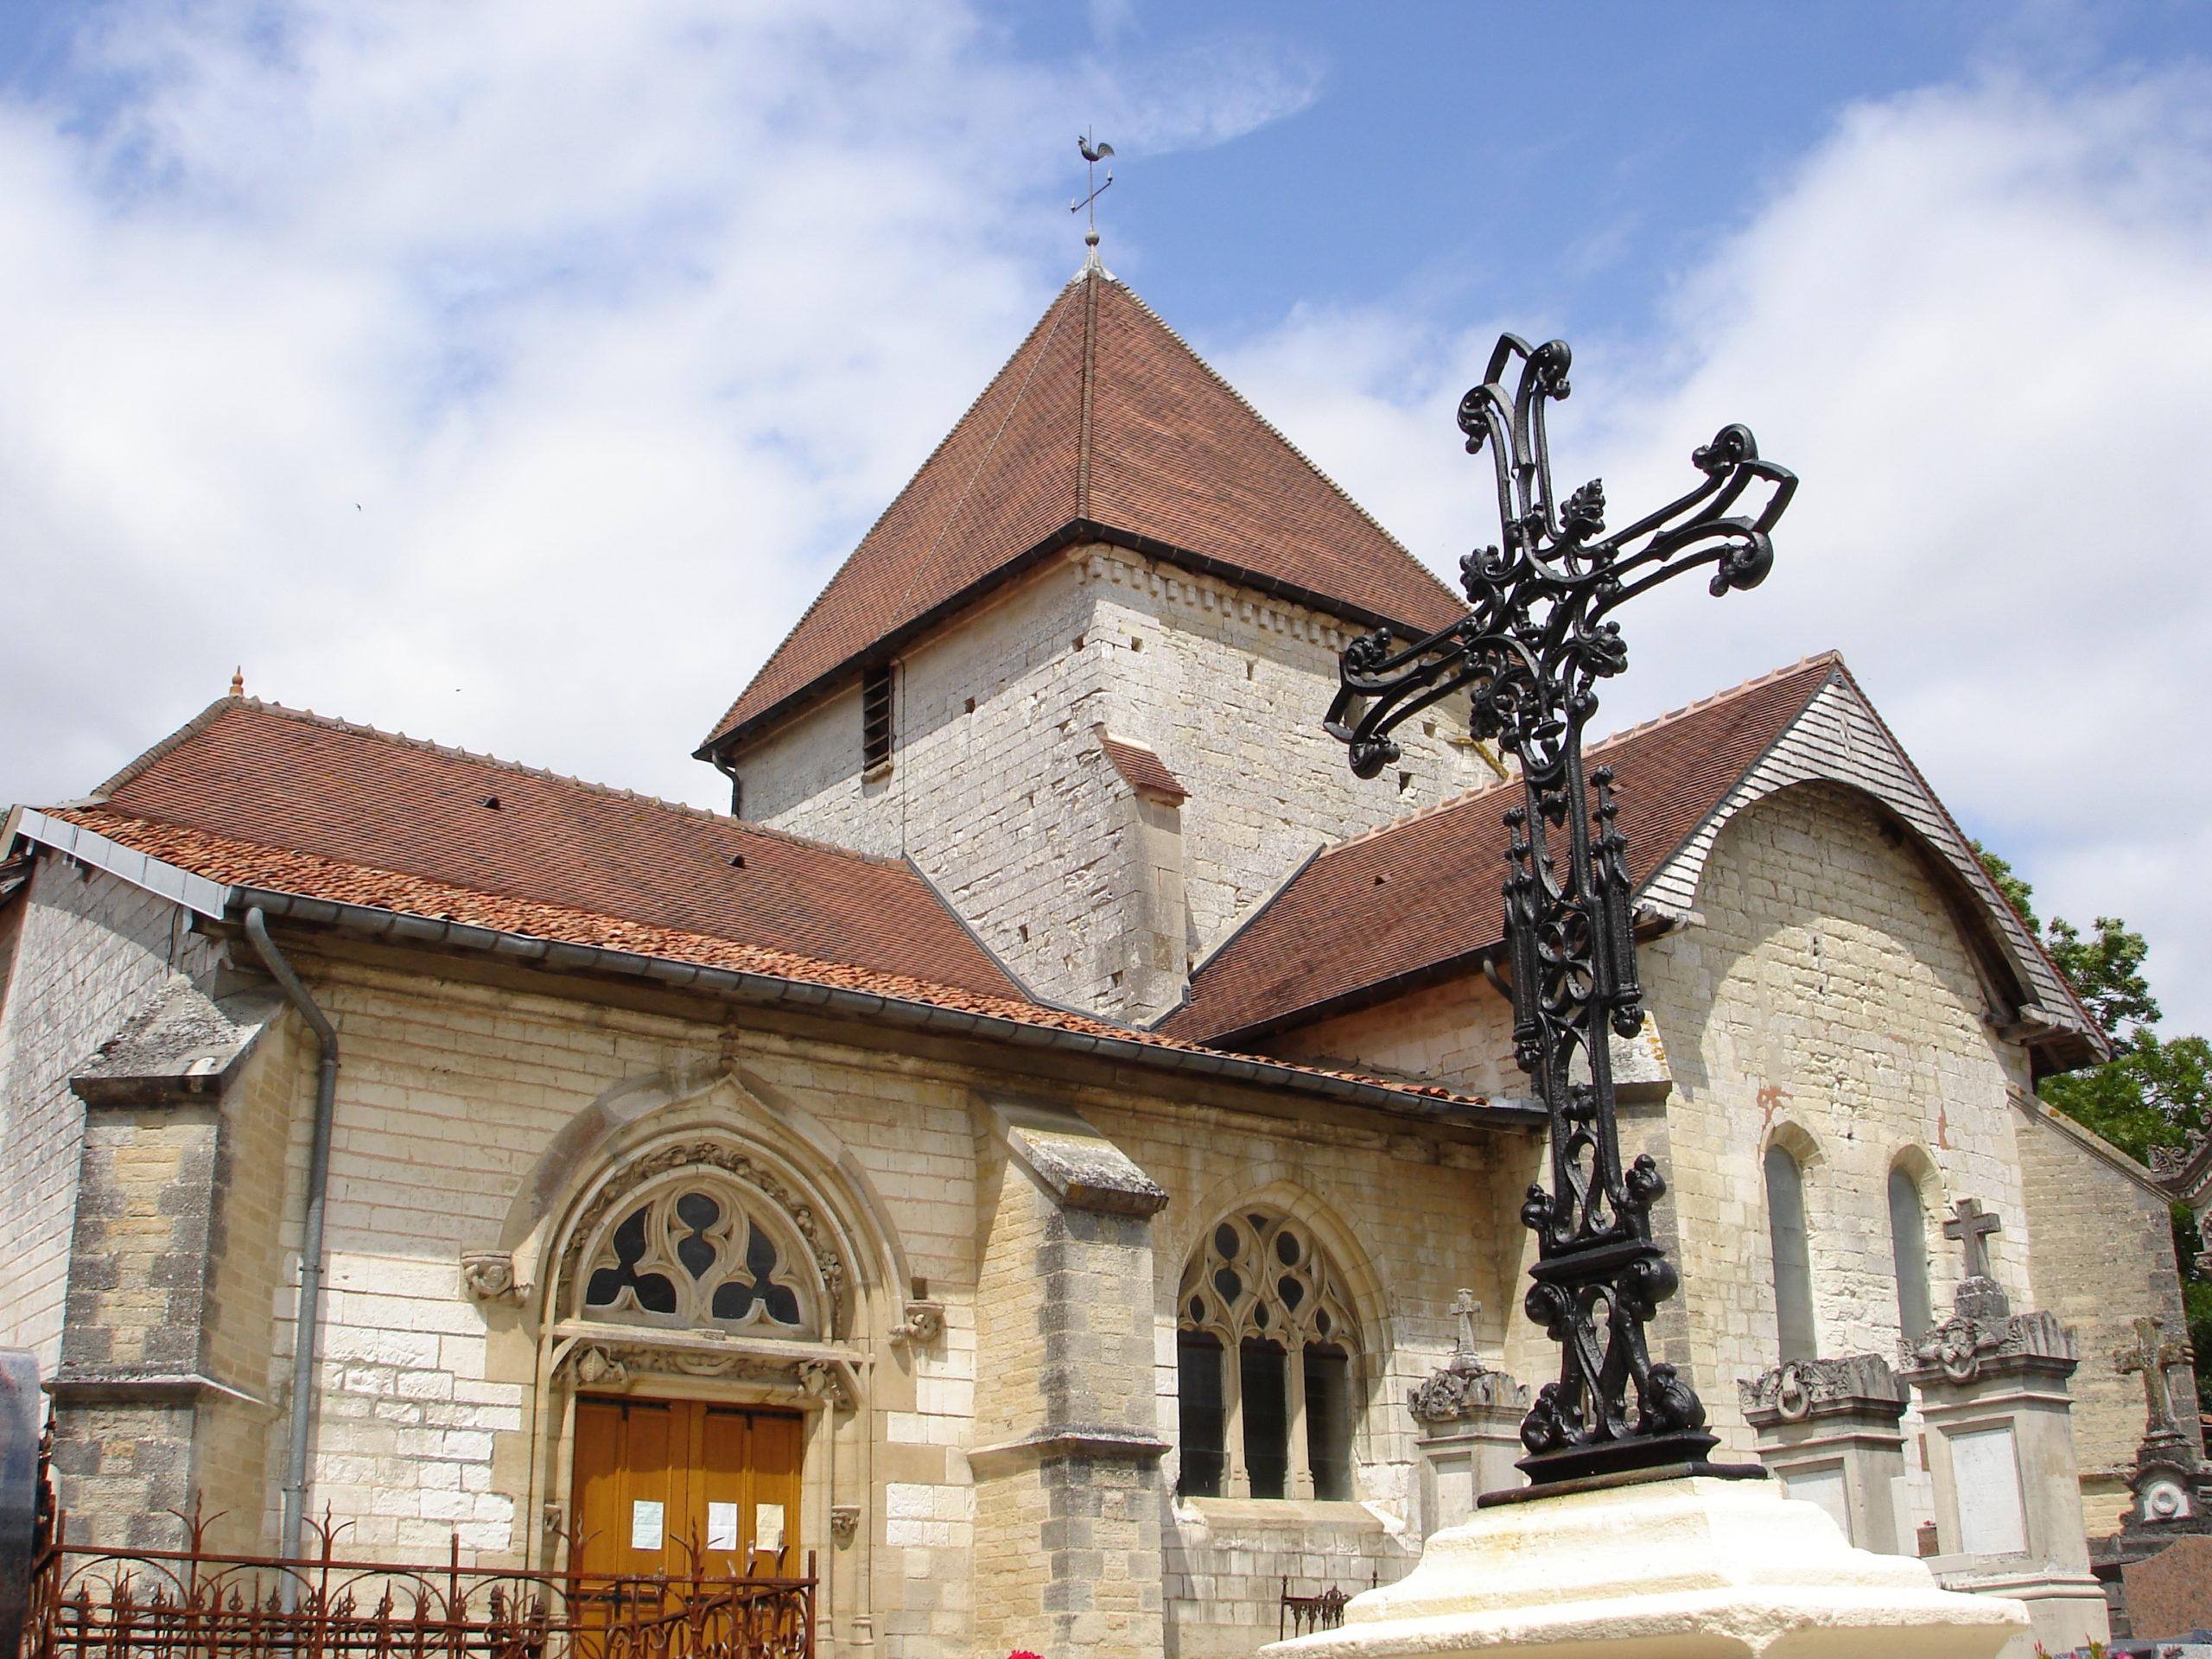 Eglise Saint-Amand de Donnement